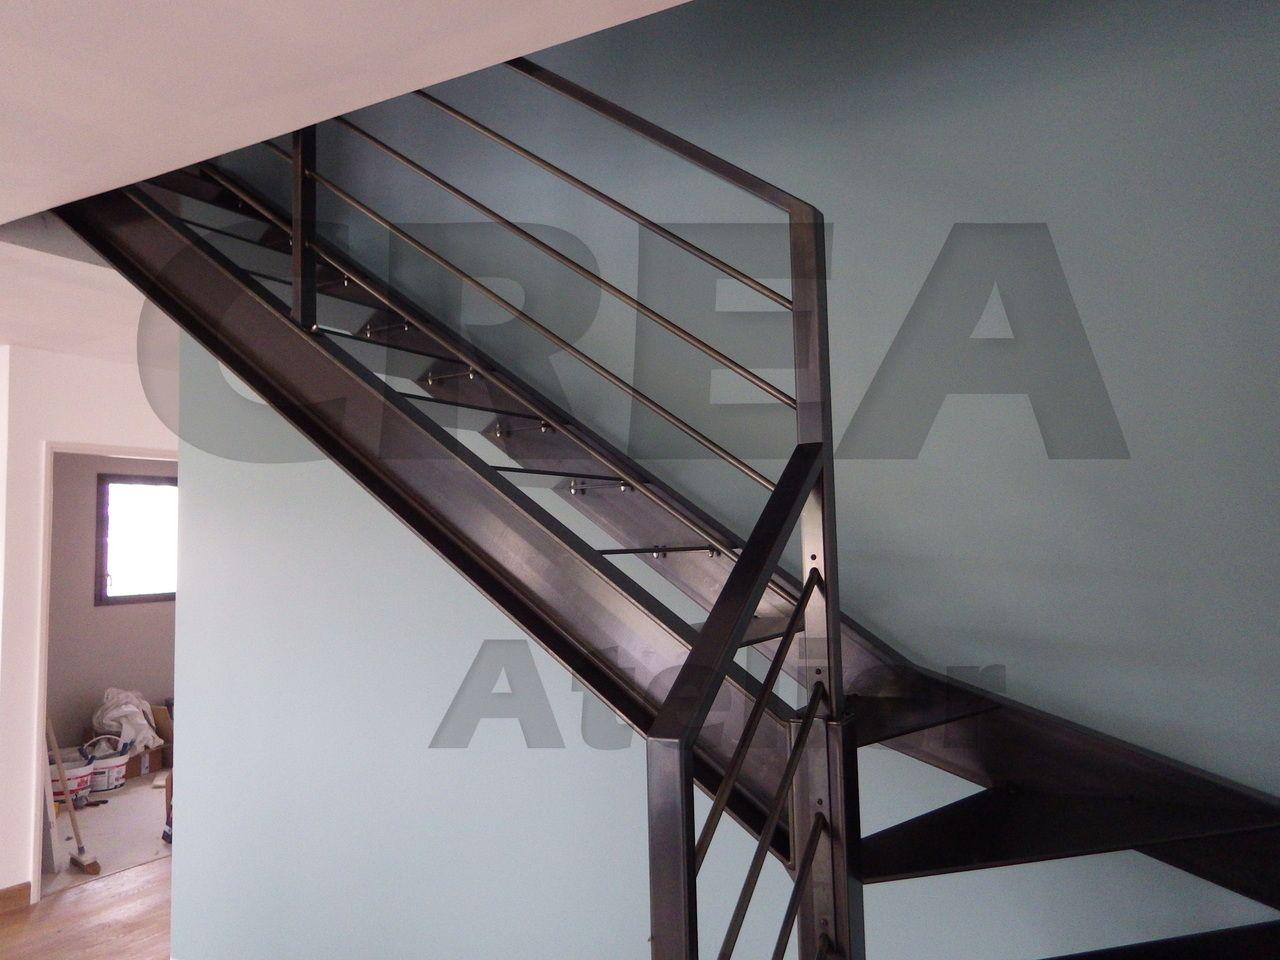 Escalier limons la francaise upn finition noircie for Tarif escalier bois